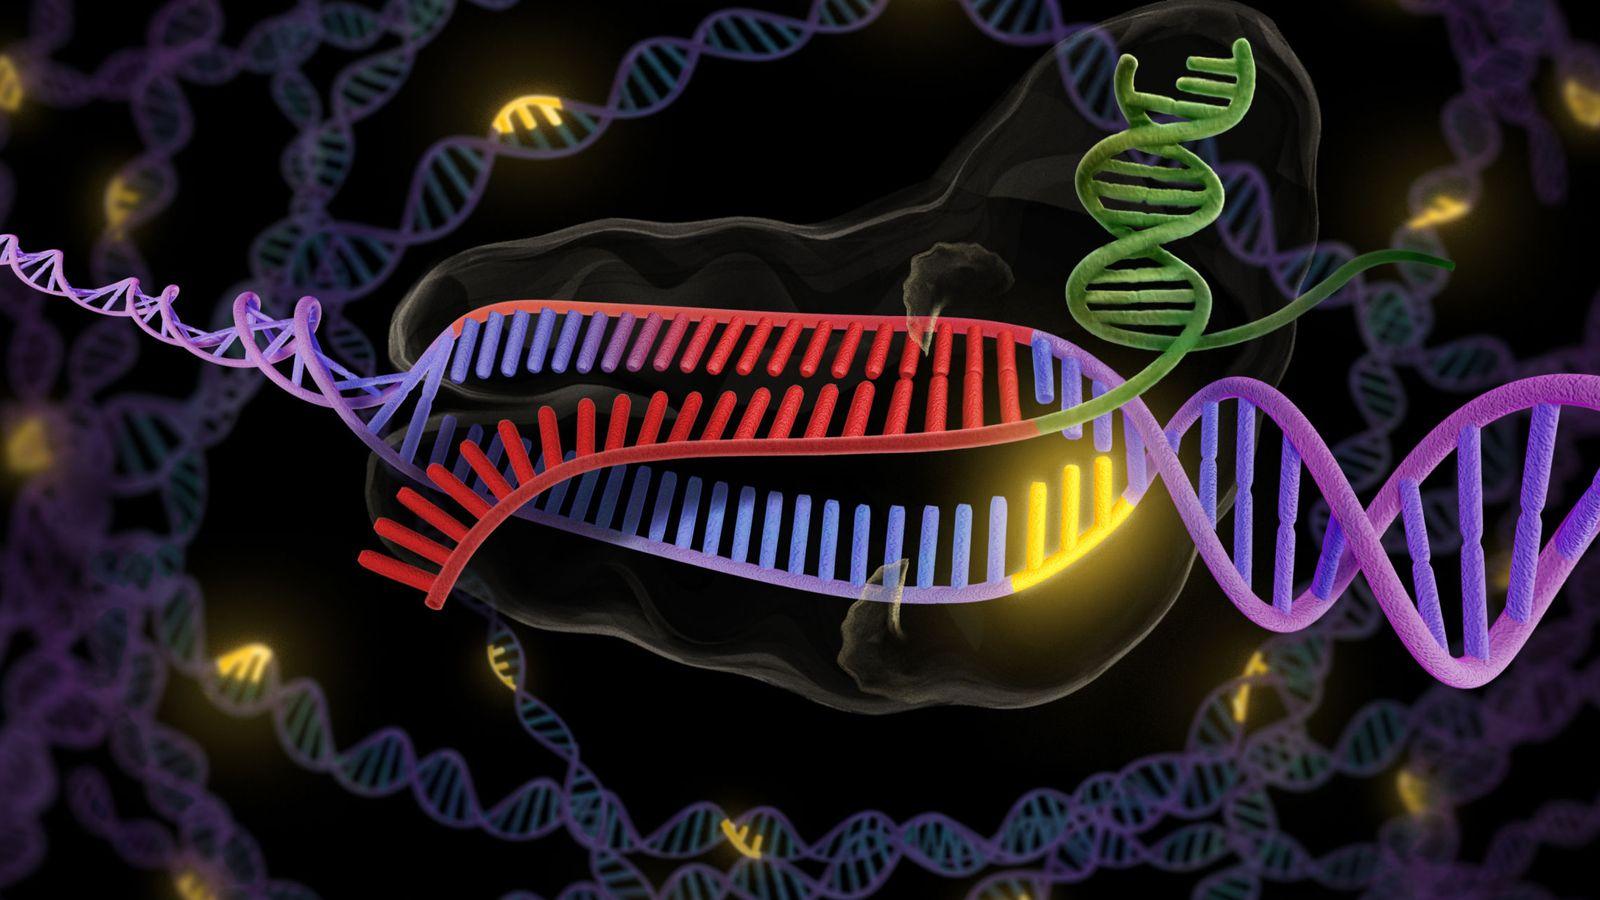 Foto: La enzima CRISPR, en verde y rojo, se une a una hebra doble de ADN, en púrpura y rojo, para así cortar la parte deseada.